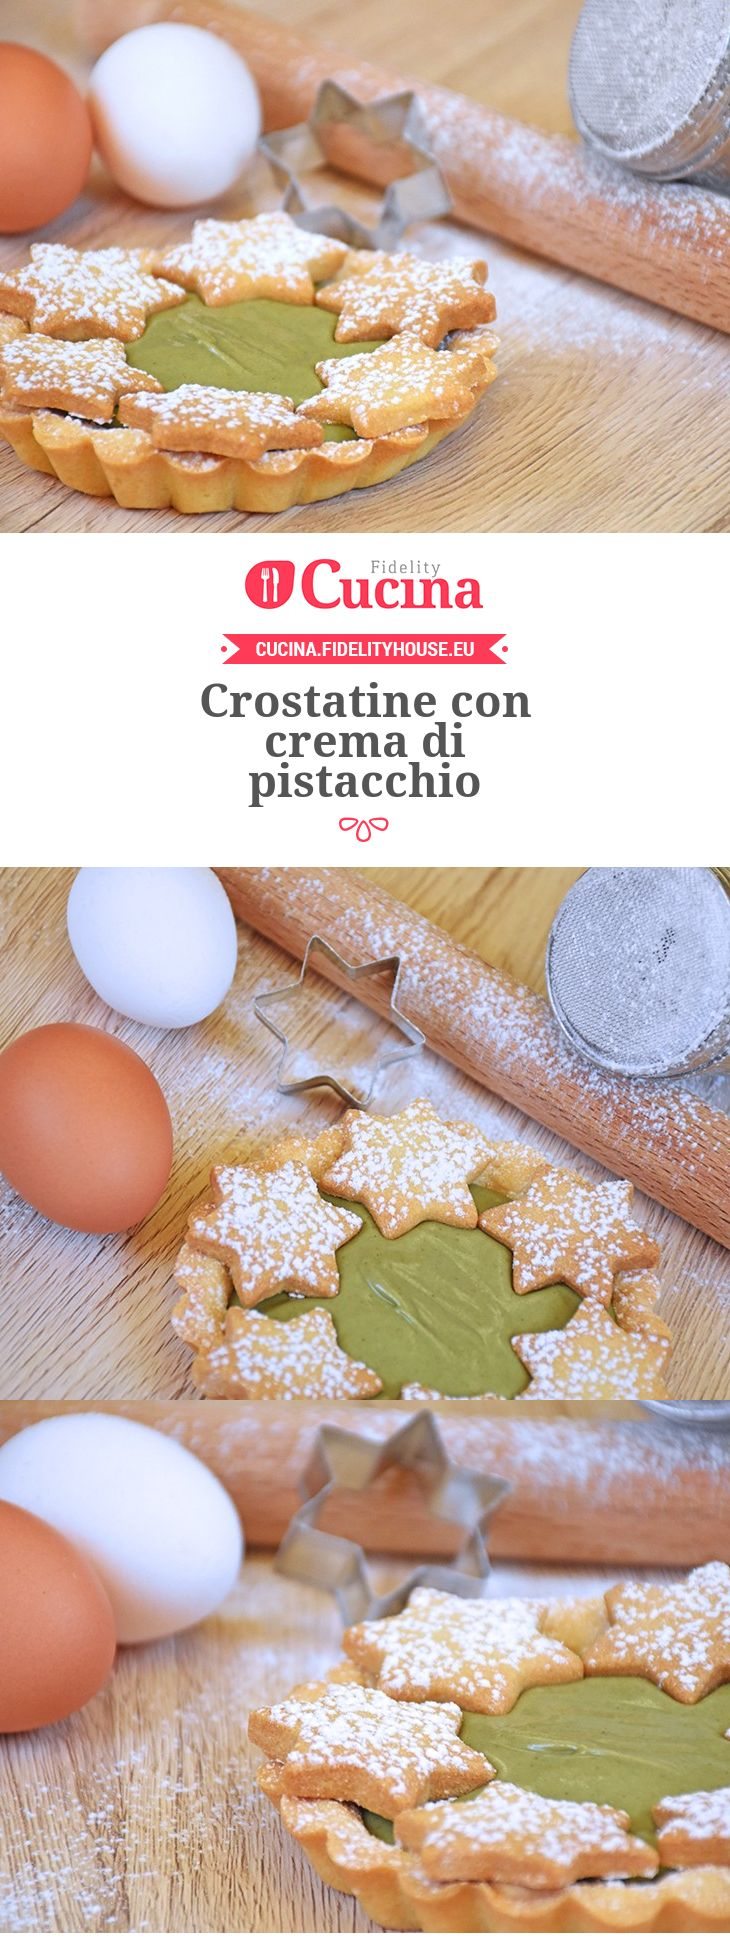 Crostatine con crema di pistacchio